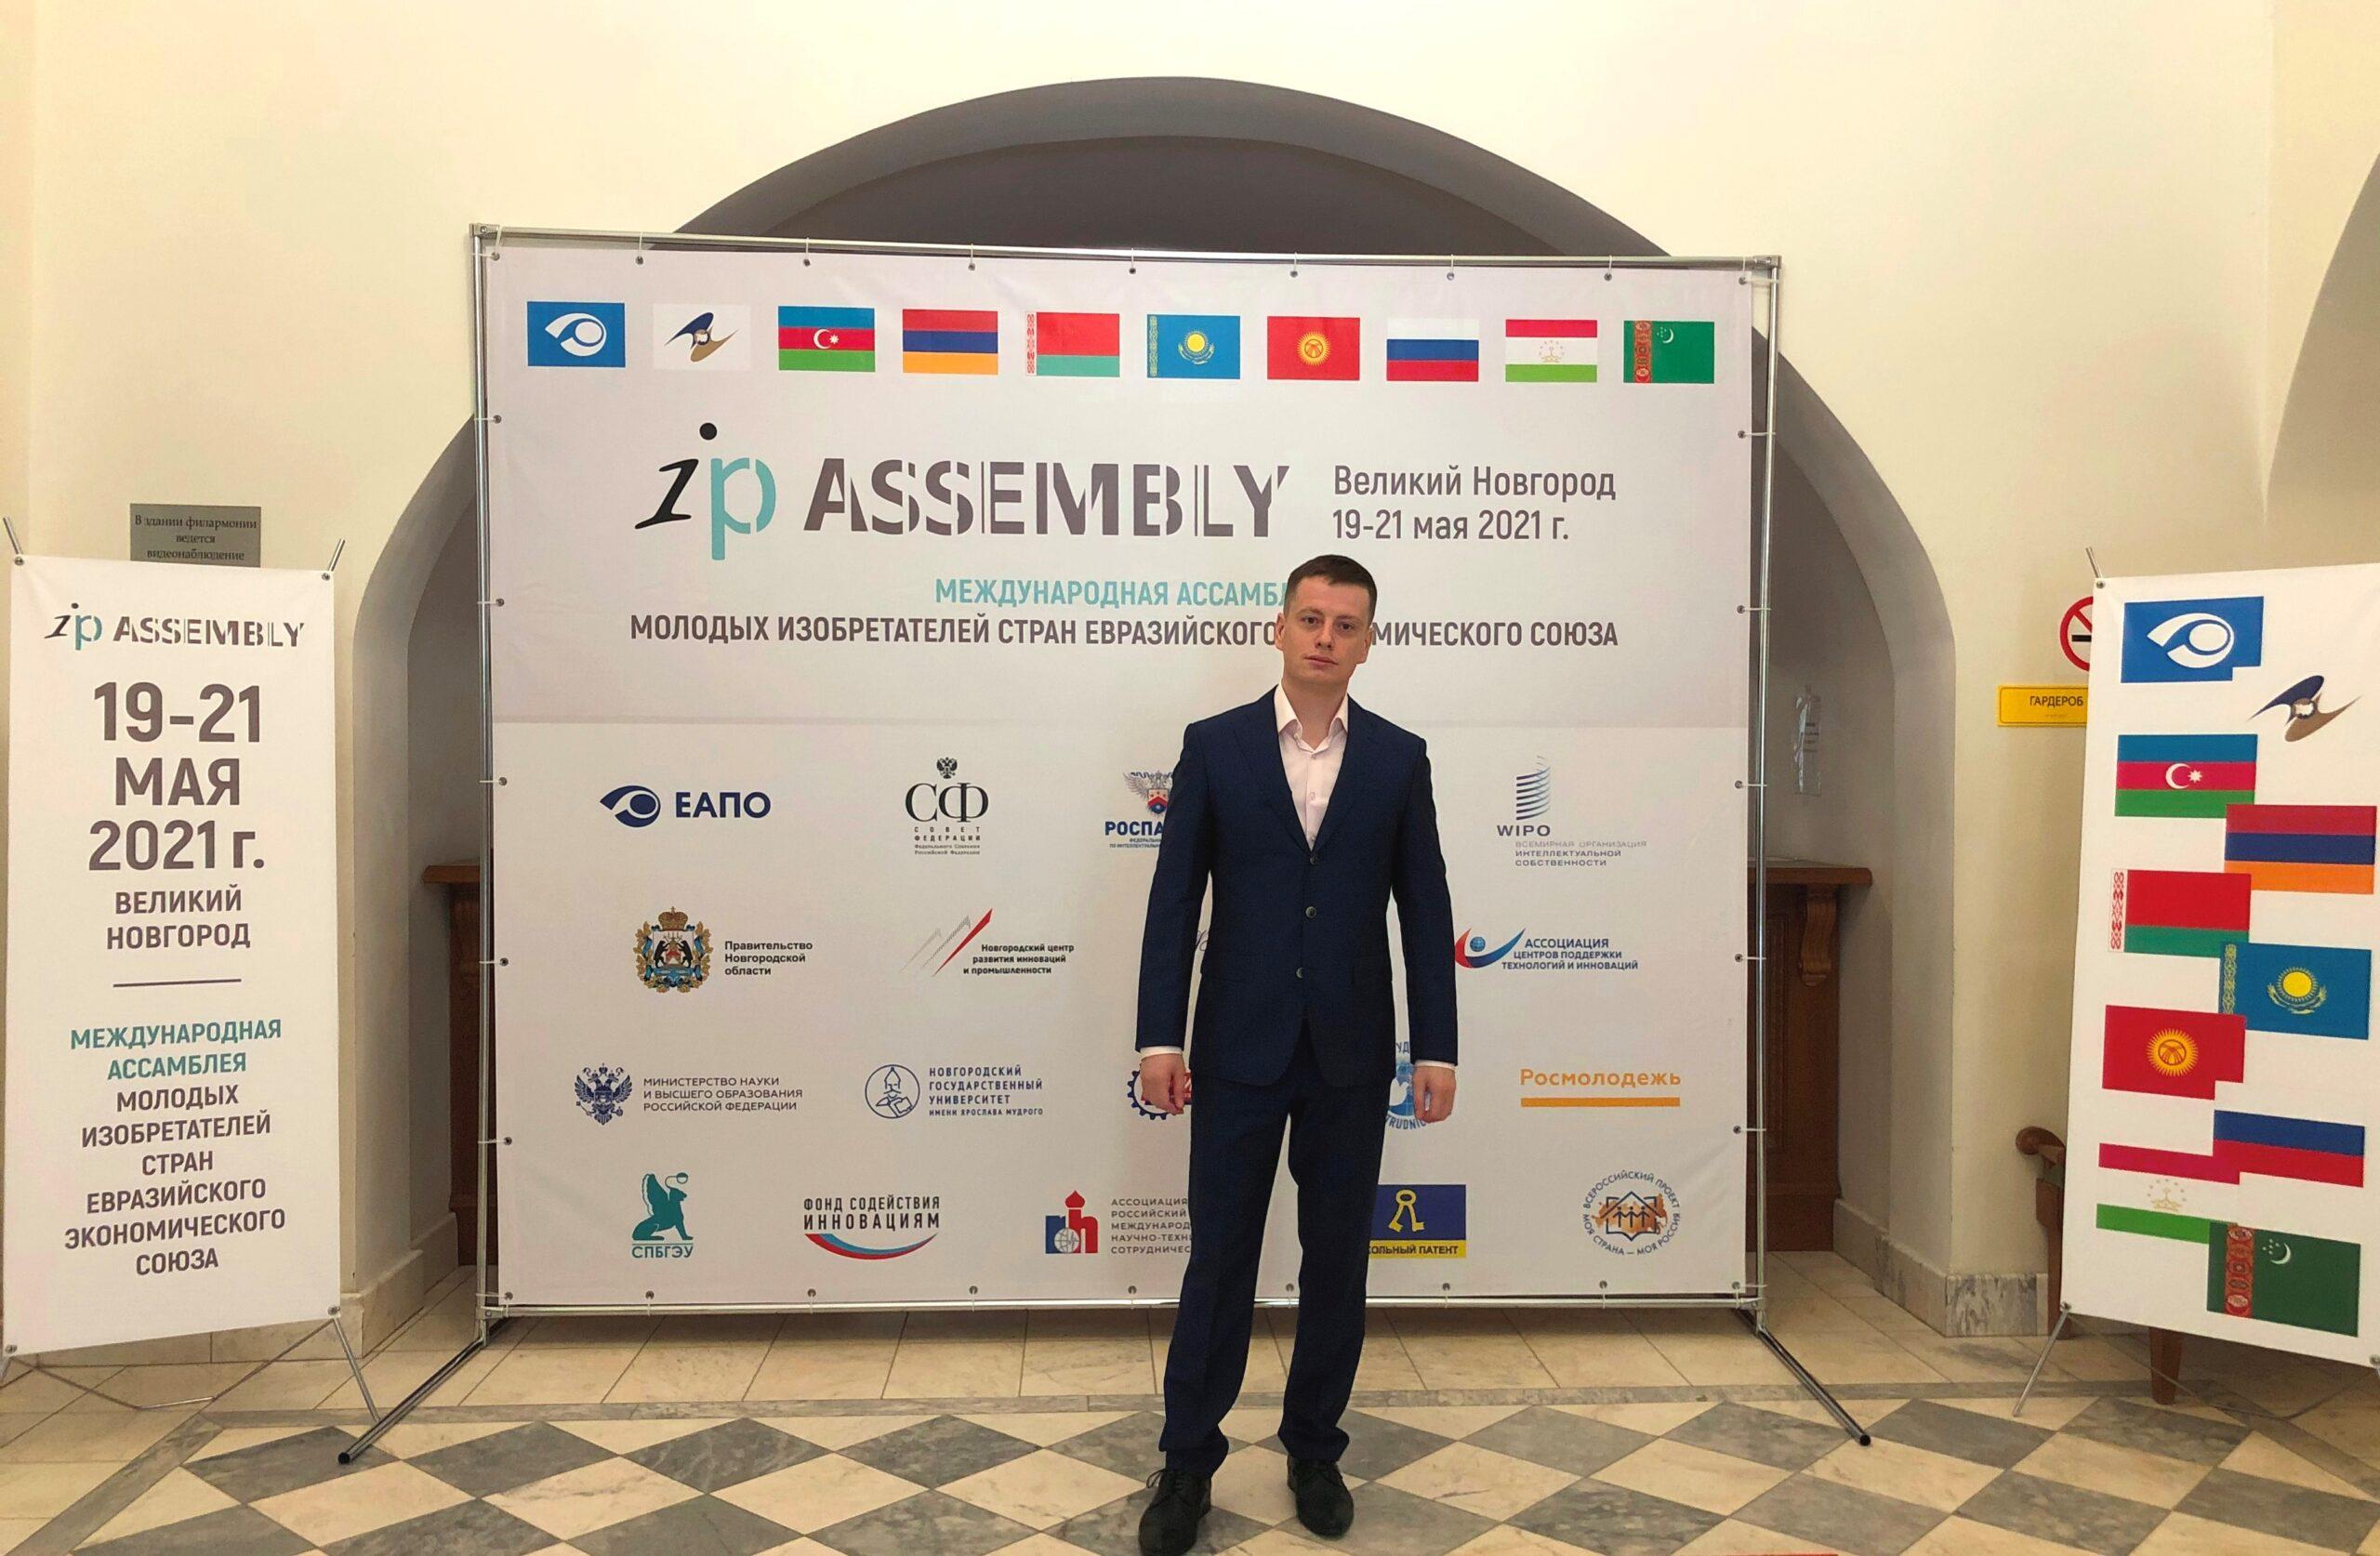 Проект преподавателя ТвГТУ – среди победителей Ассамблеи изобретателей стран Евразийского экономического союза